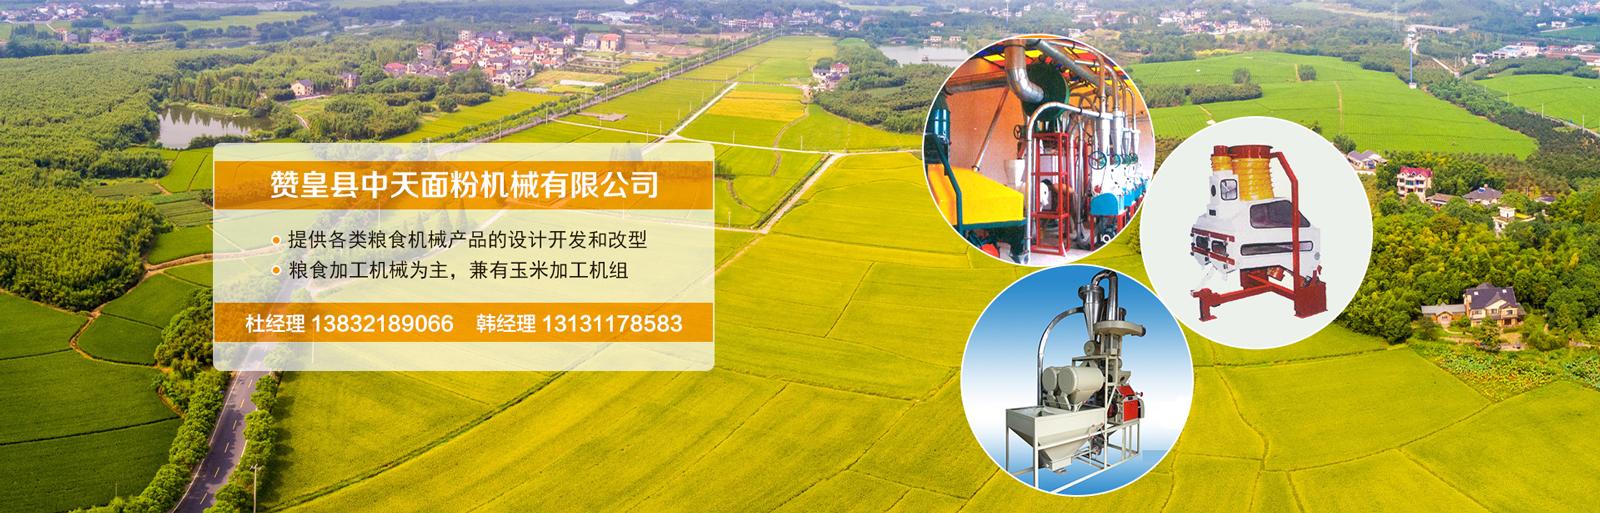 赞皇县中天面粉机械制造有限公司